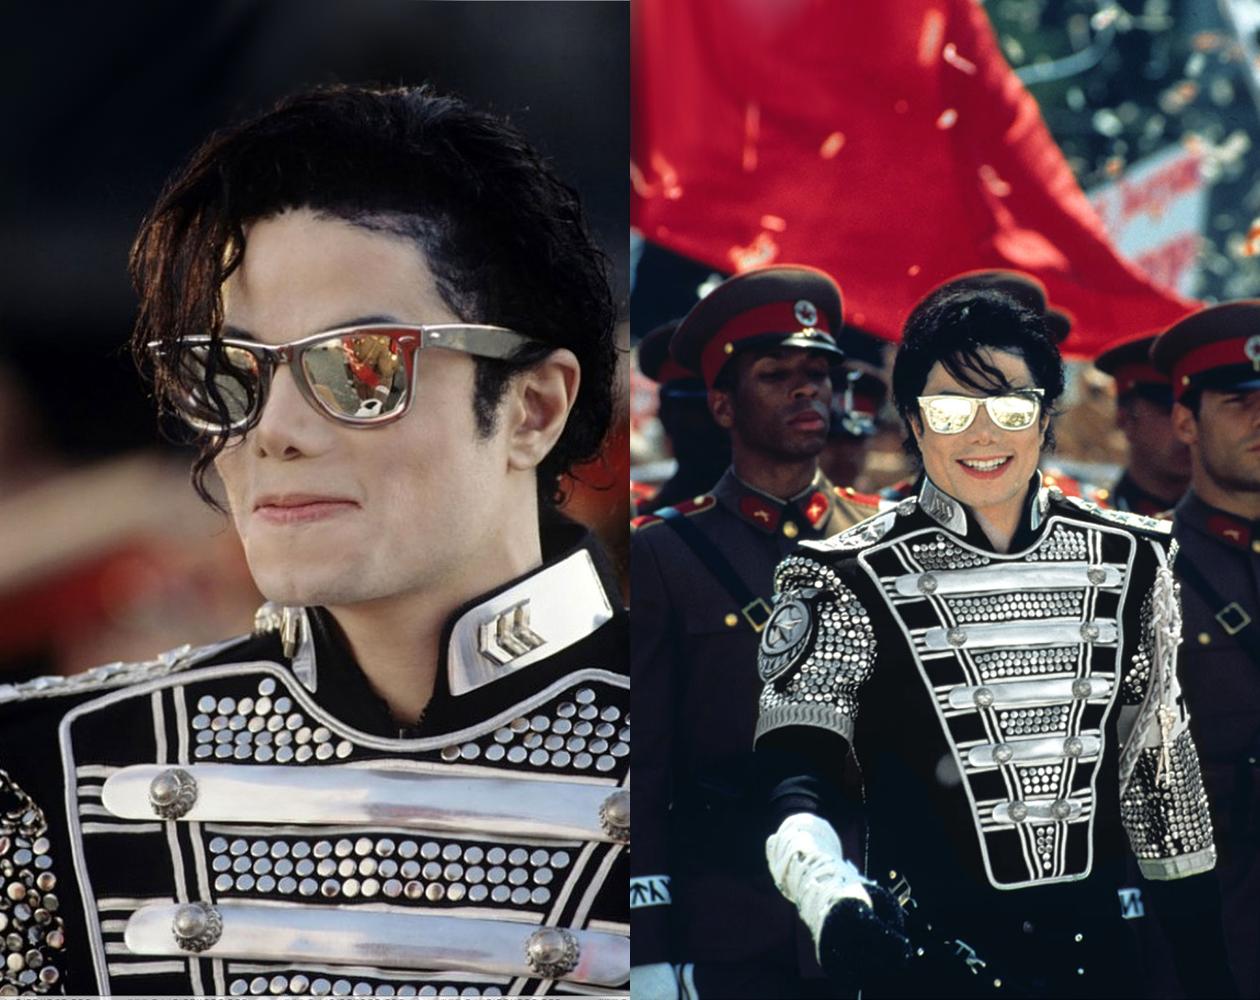 f743371dfc202 mj - Michael Jackson Fan Art (30307529) - Fanpop